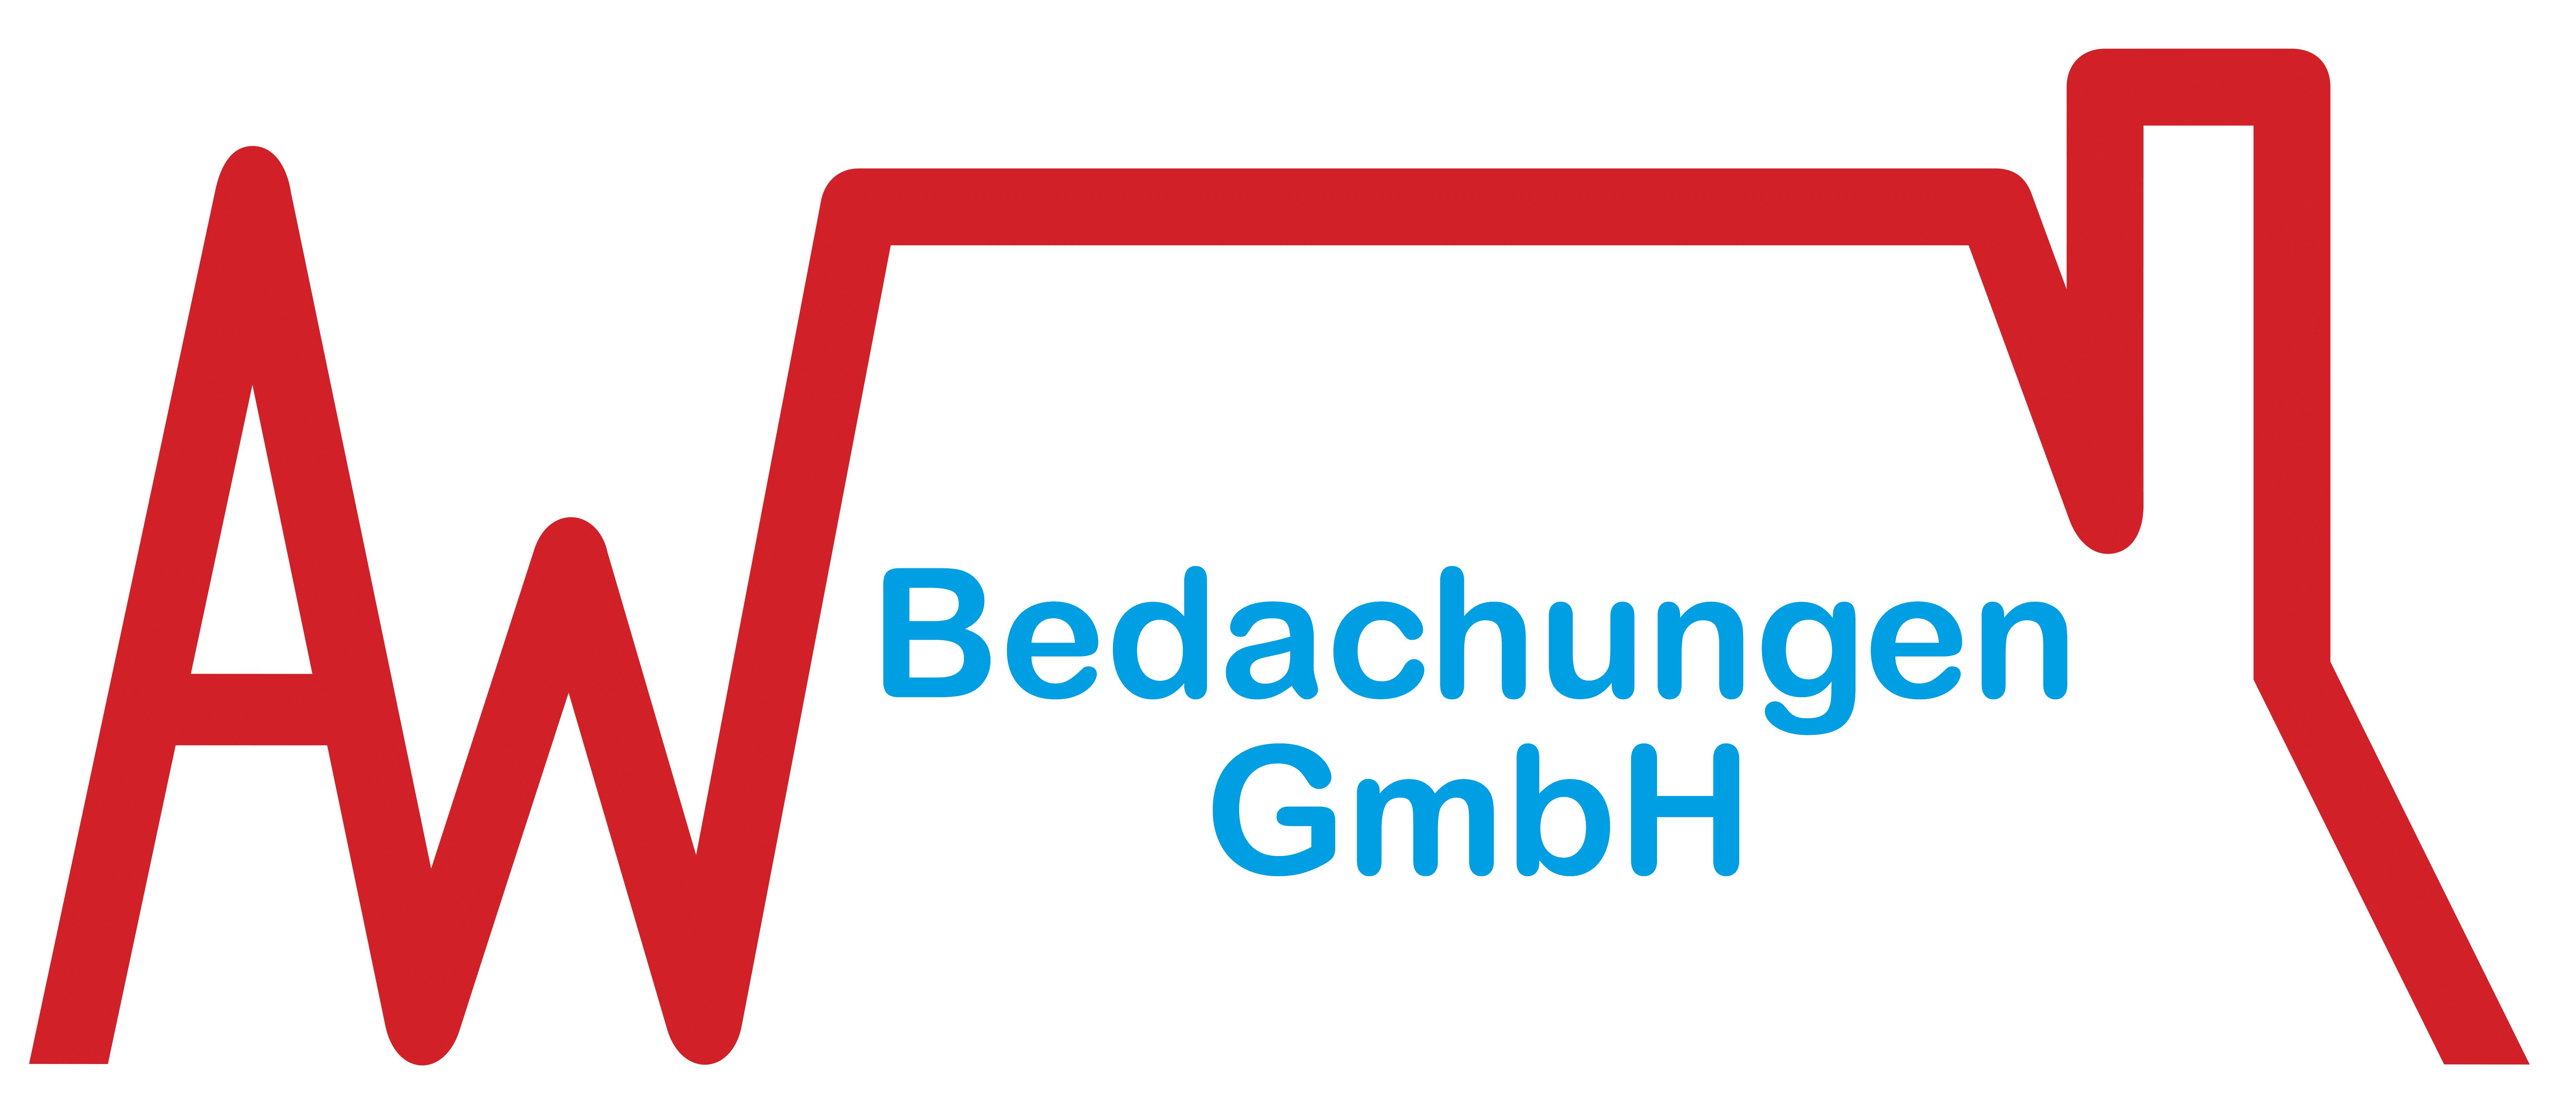 AW Bedachungen GmbH